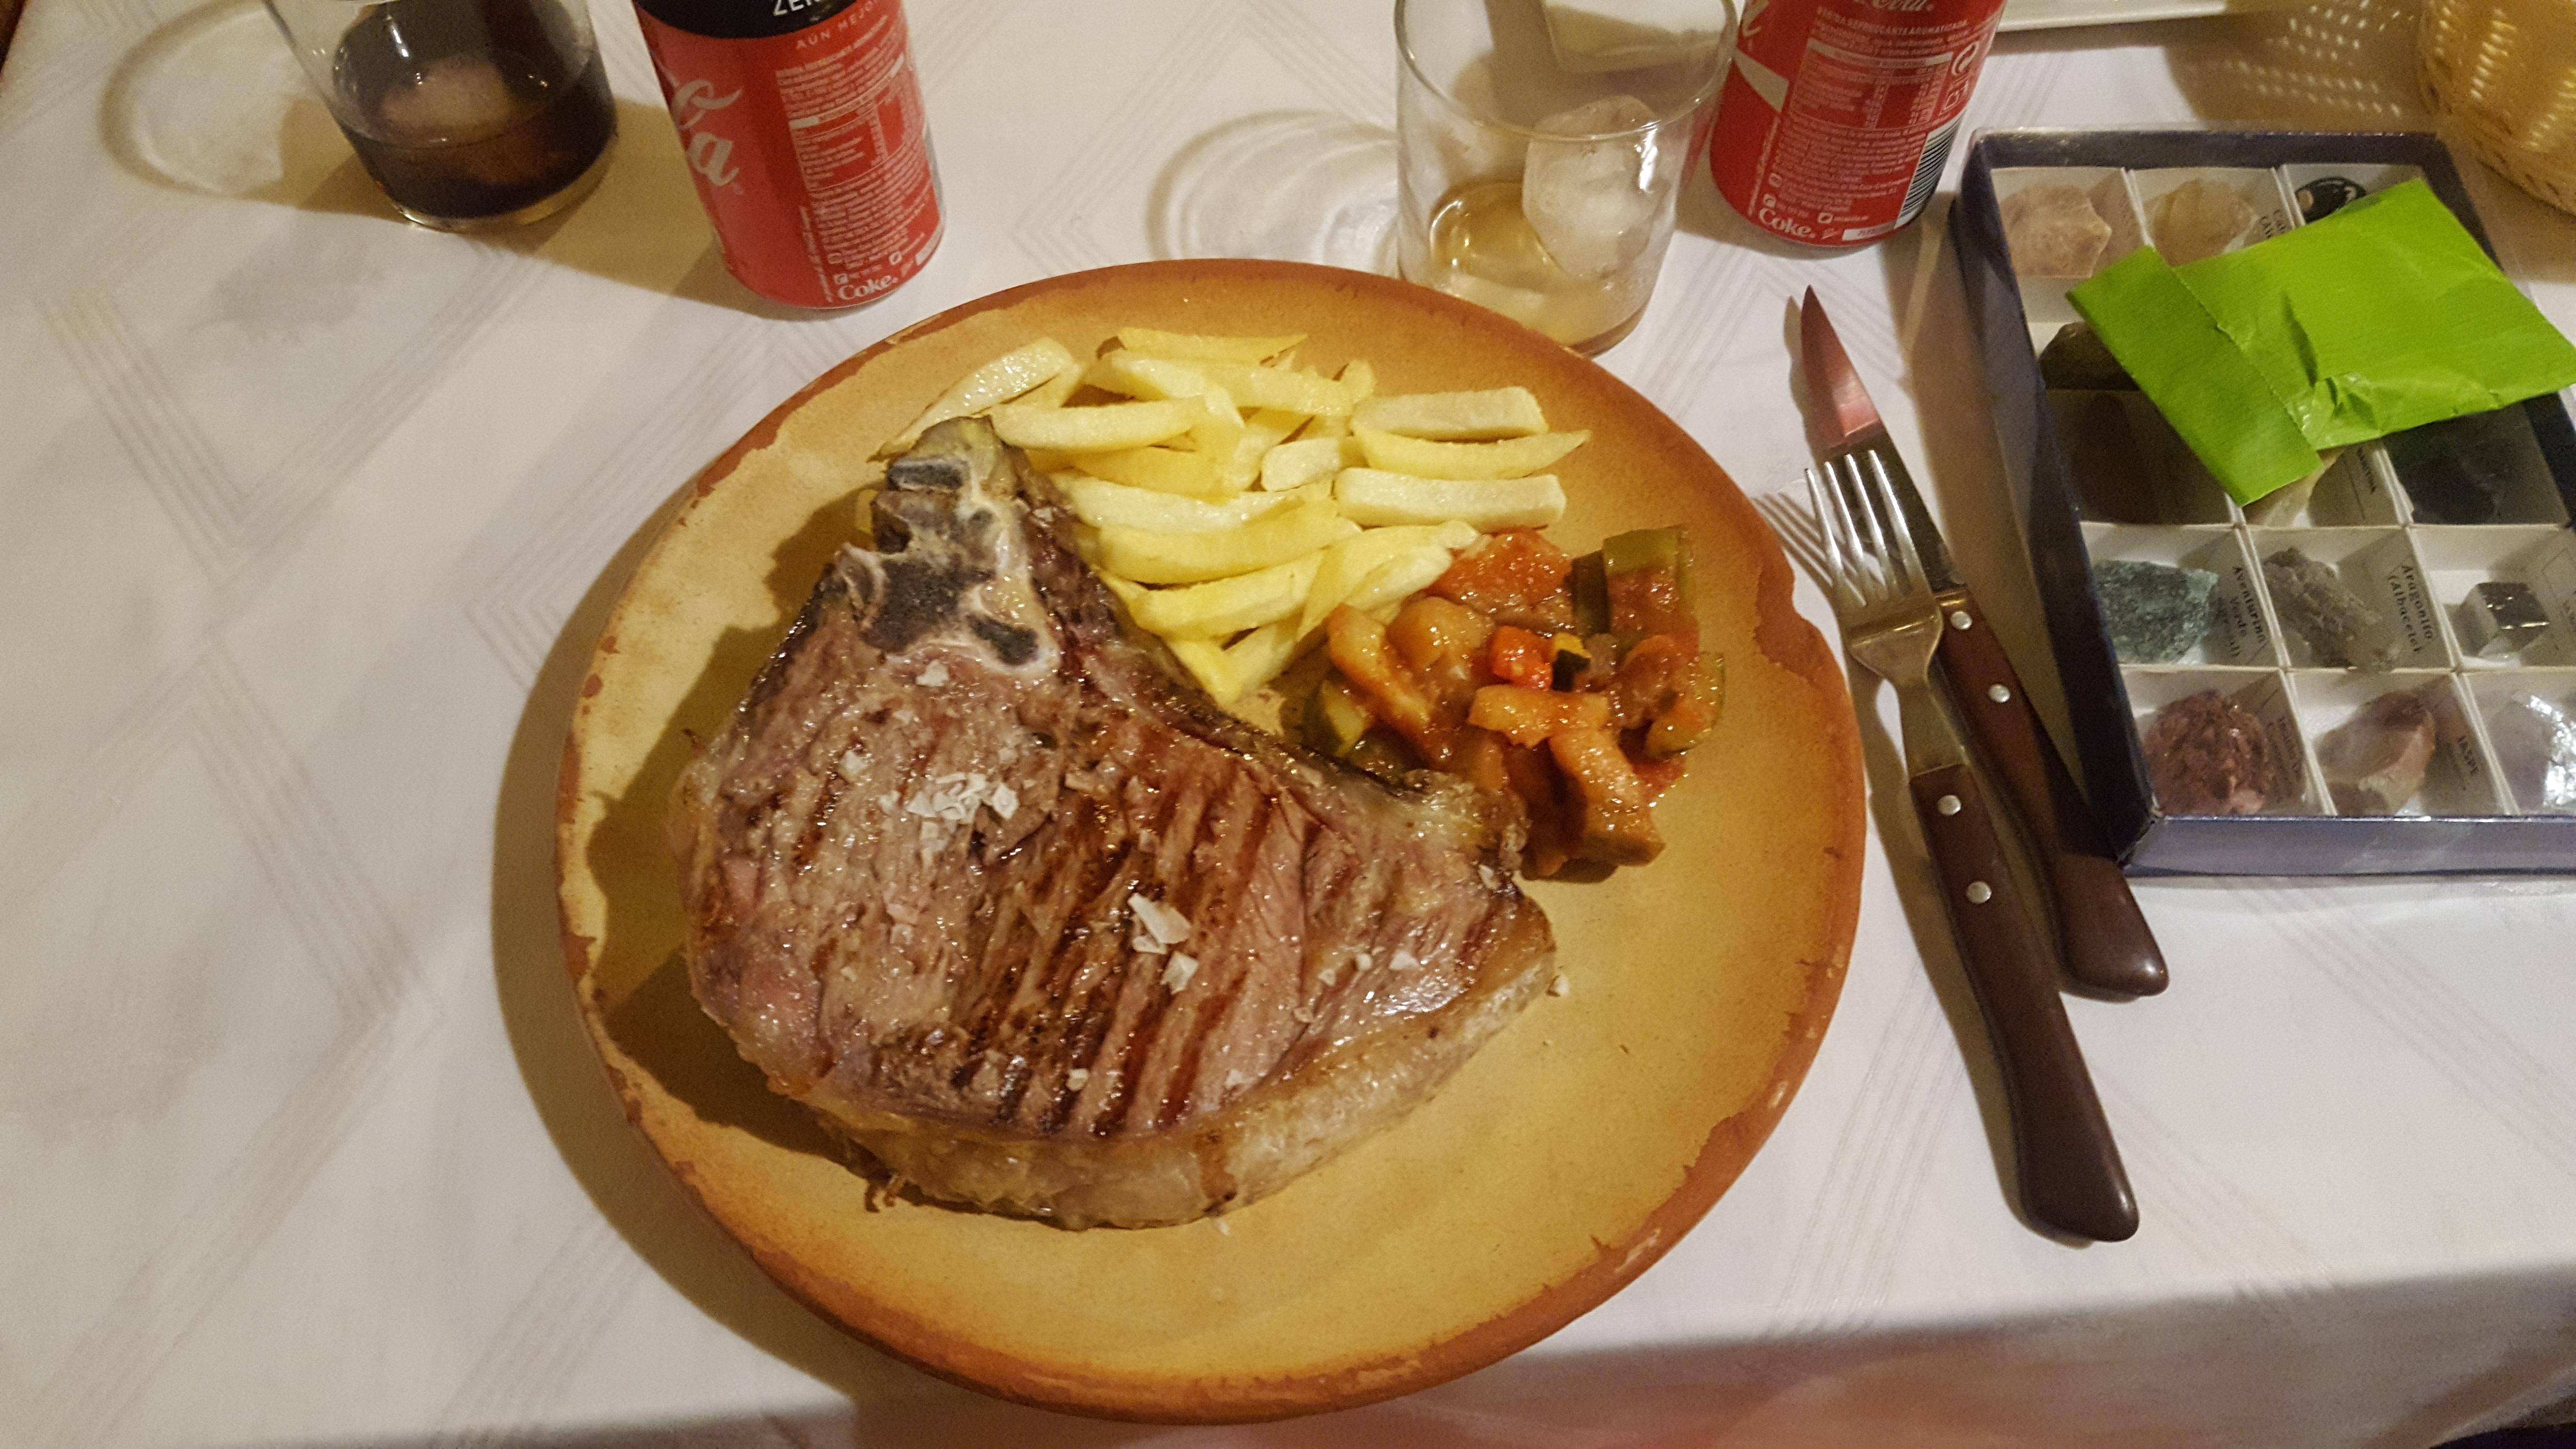 I Bushot fikk jeg magisk kjøtt - ikke noe smykke av et bilde, men kjøttet - DET var godt!